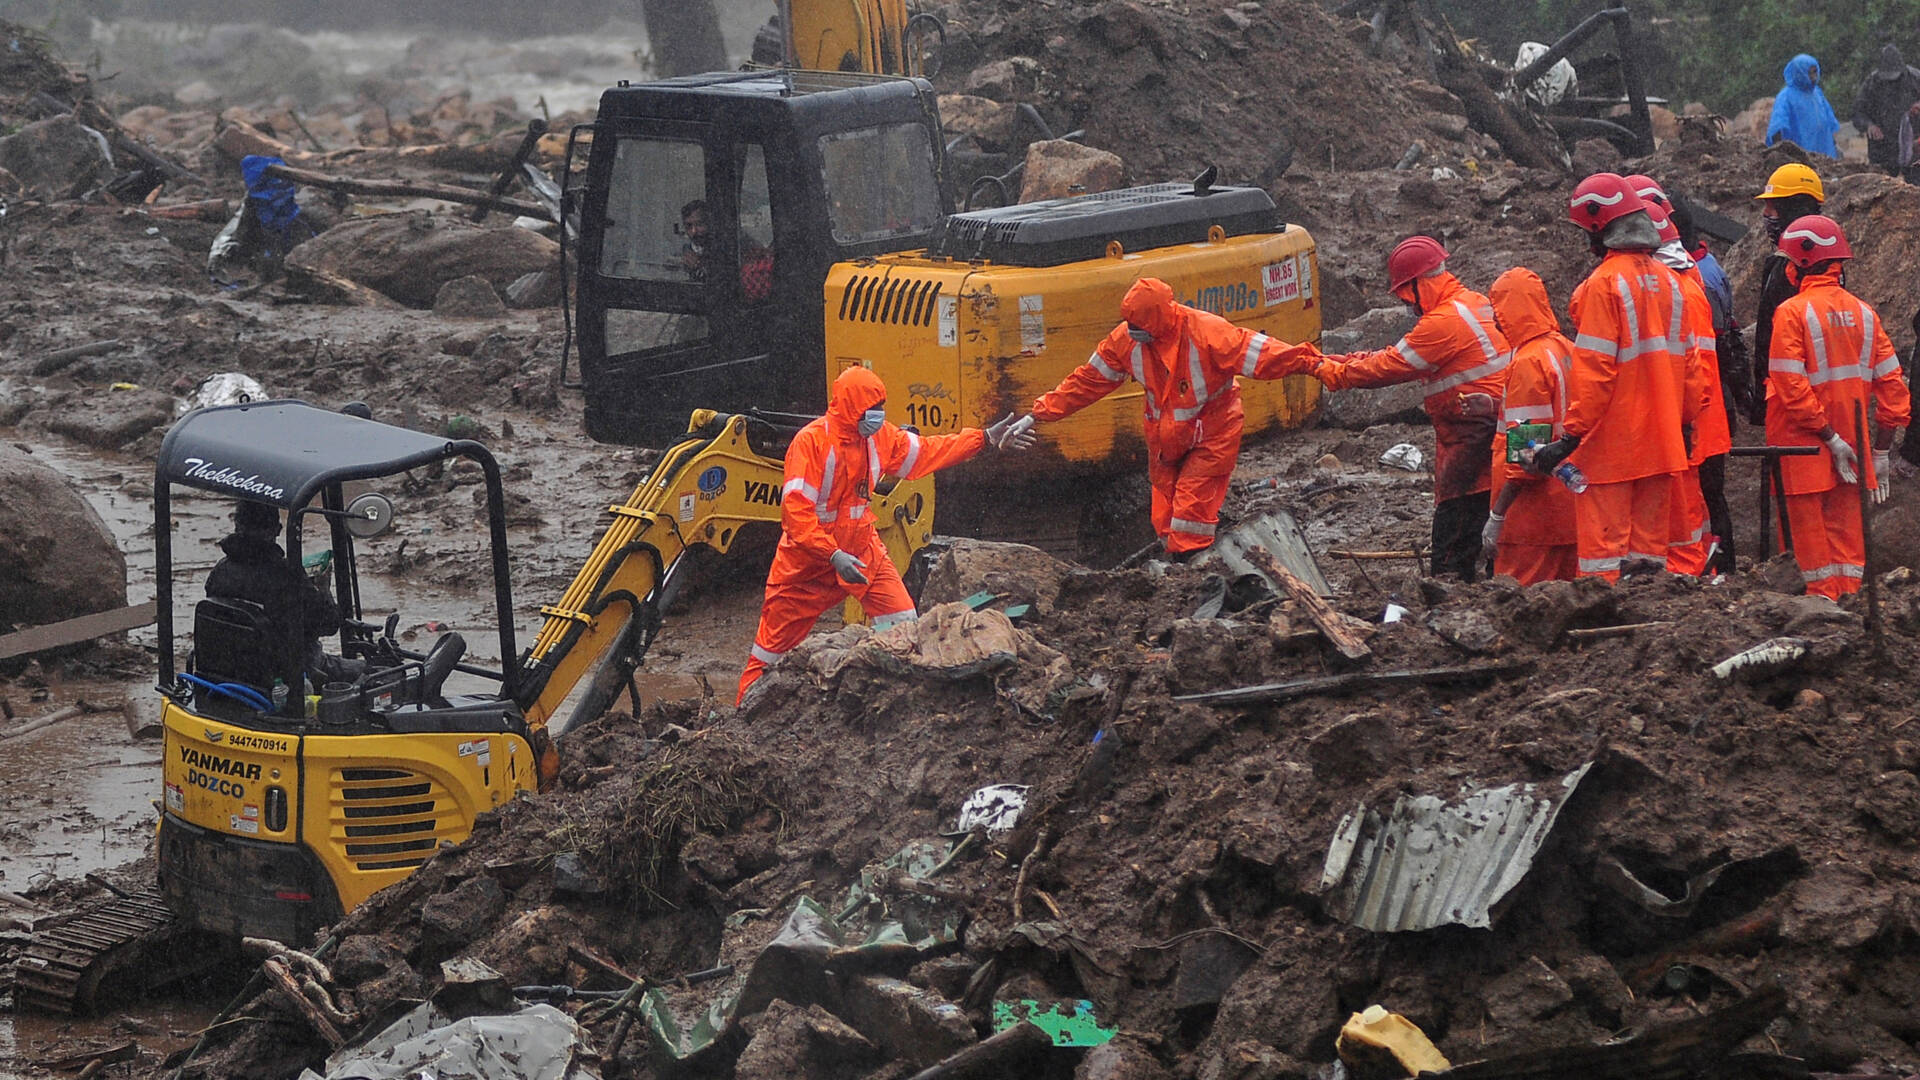 ارتفاع عدد القتلى بسبب الانهيار الأرضي في الهند إلى أكثر من 40 شخص